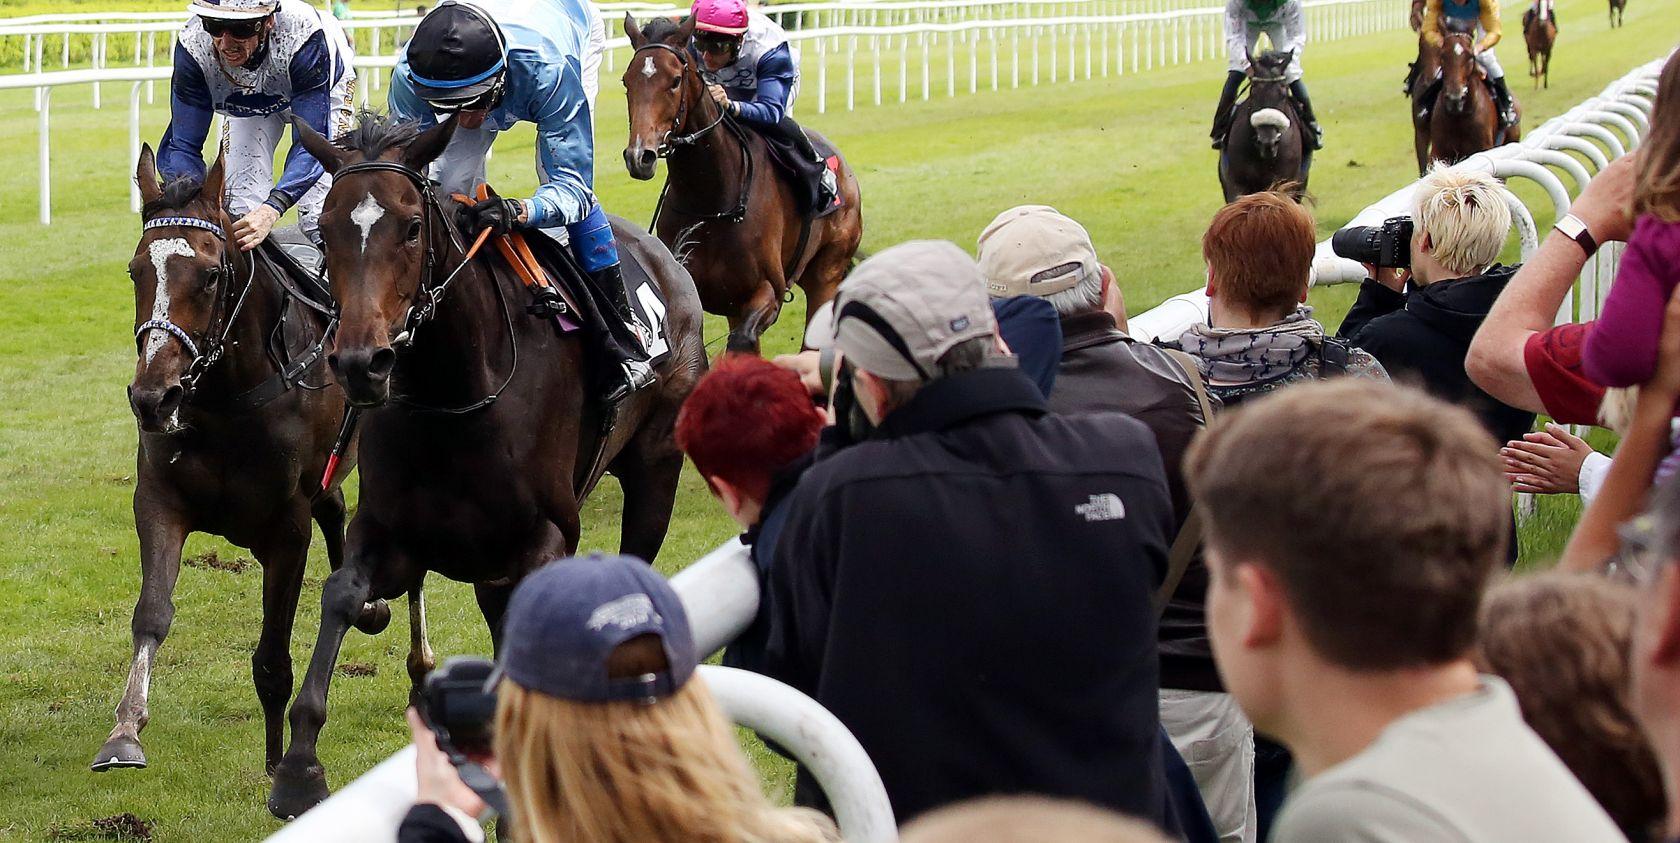 Pferderennen hautnah - Tickets